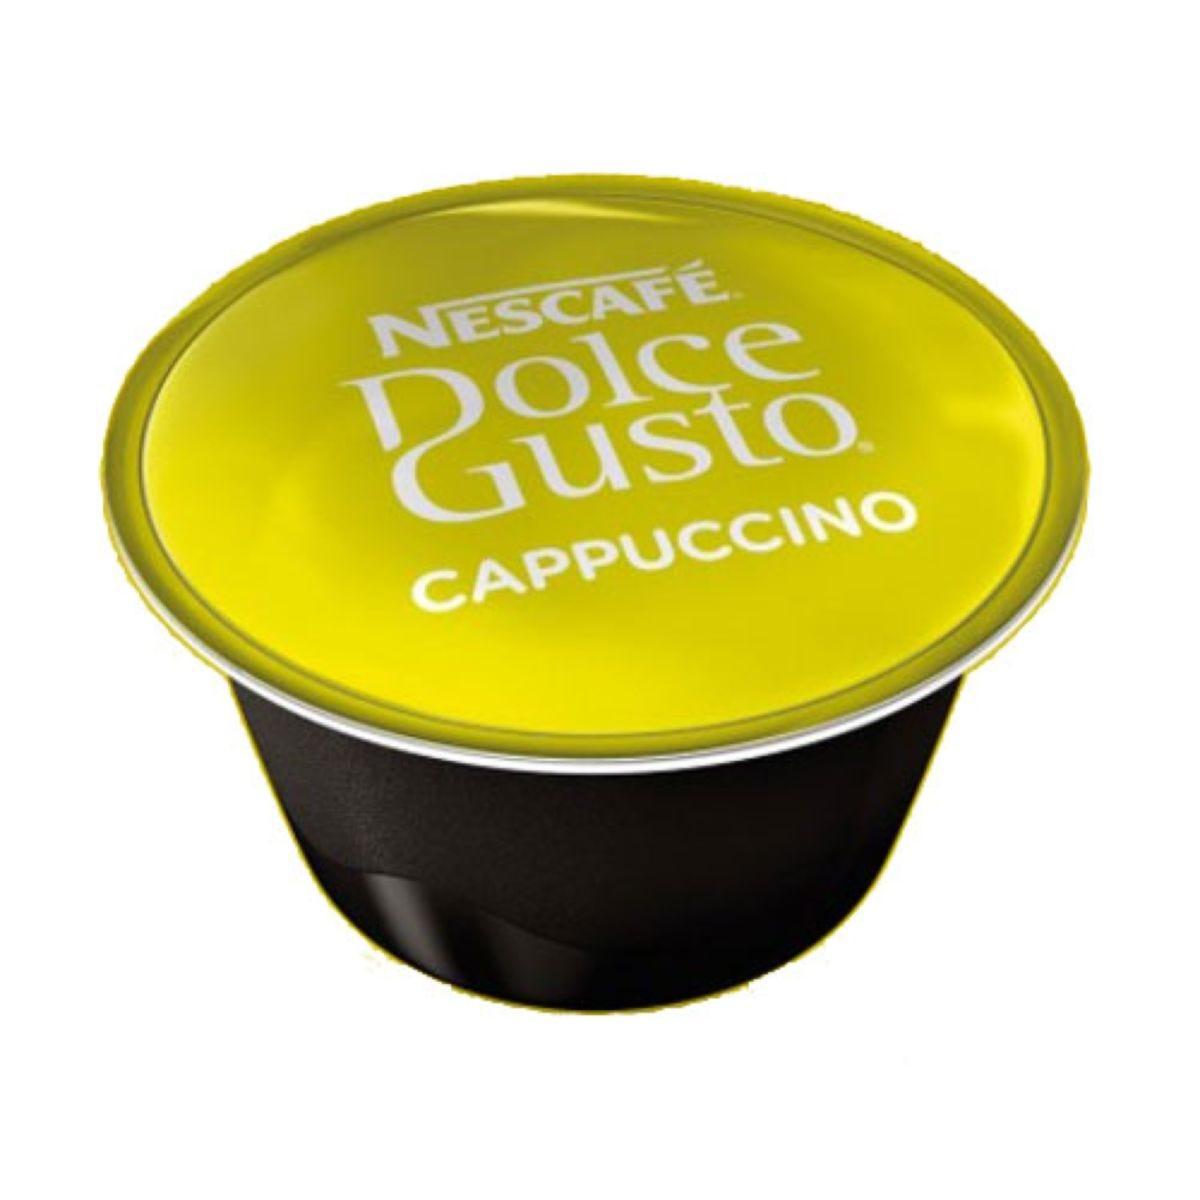 Nescafé Dolce Gusto Cappuccino Pods - 8 pack